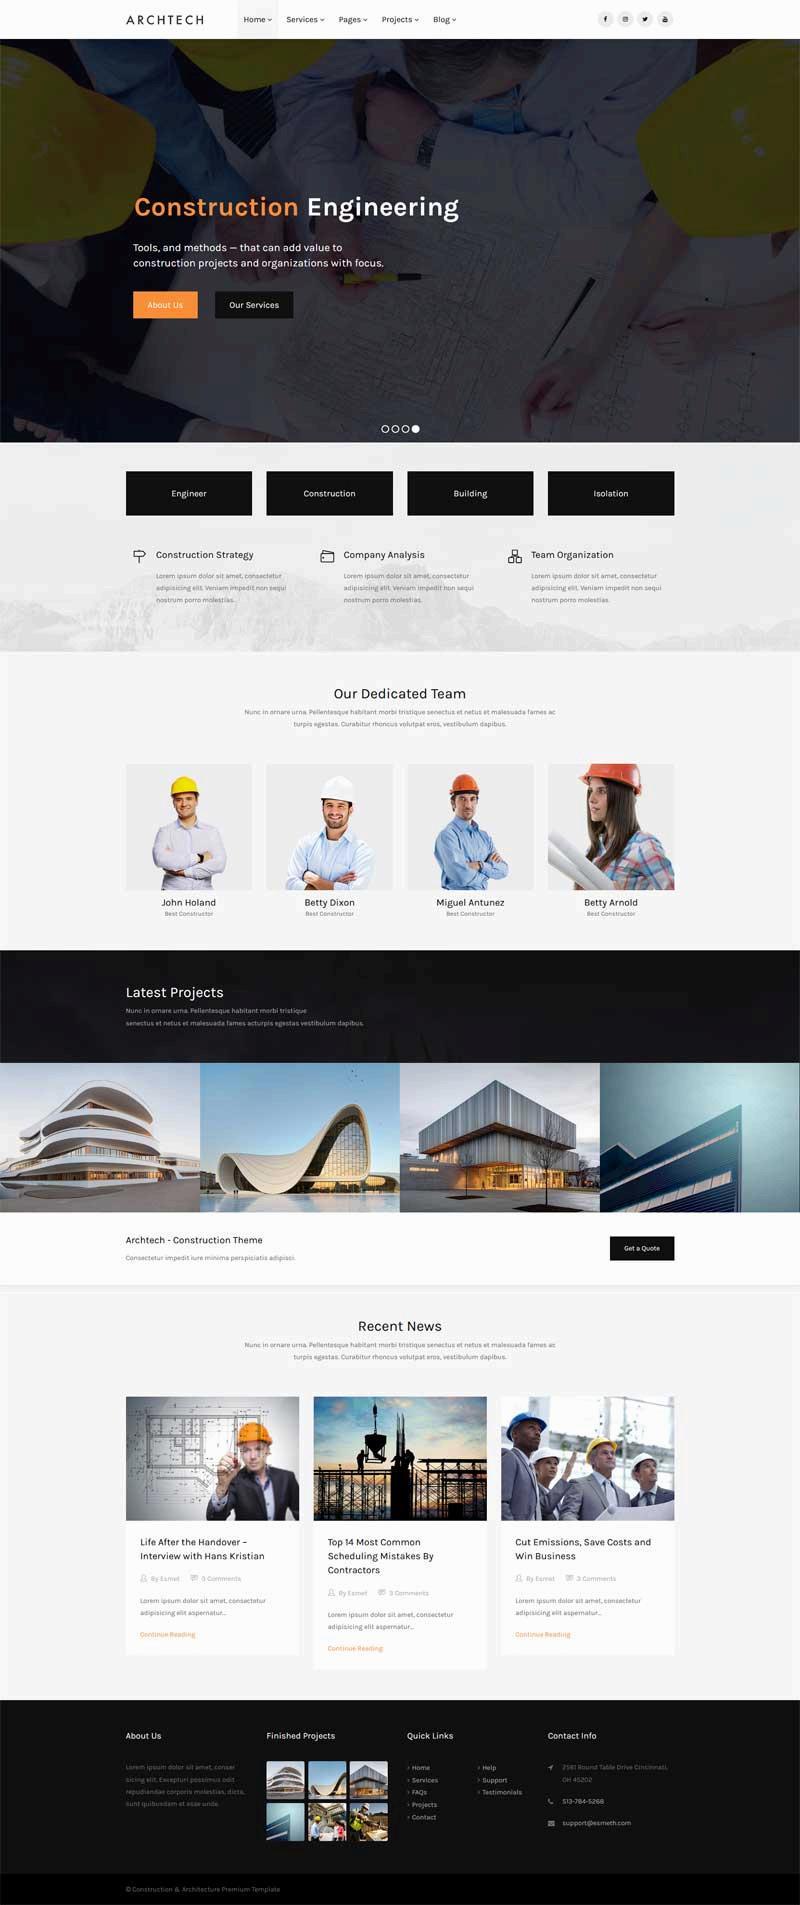 简约大气的建筑工程行业网站模板